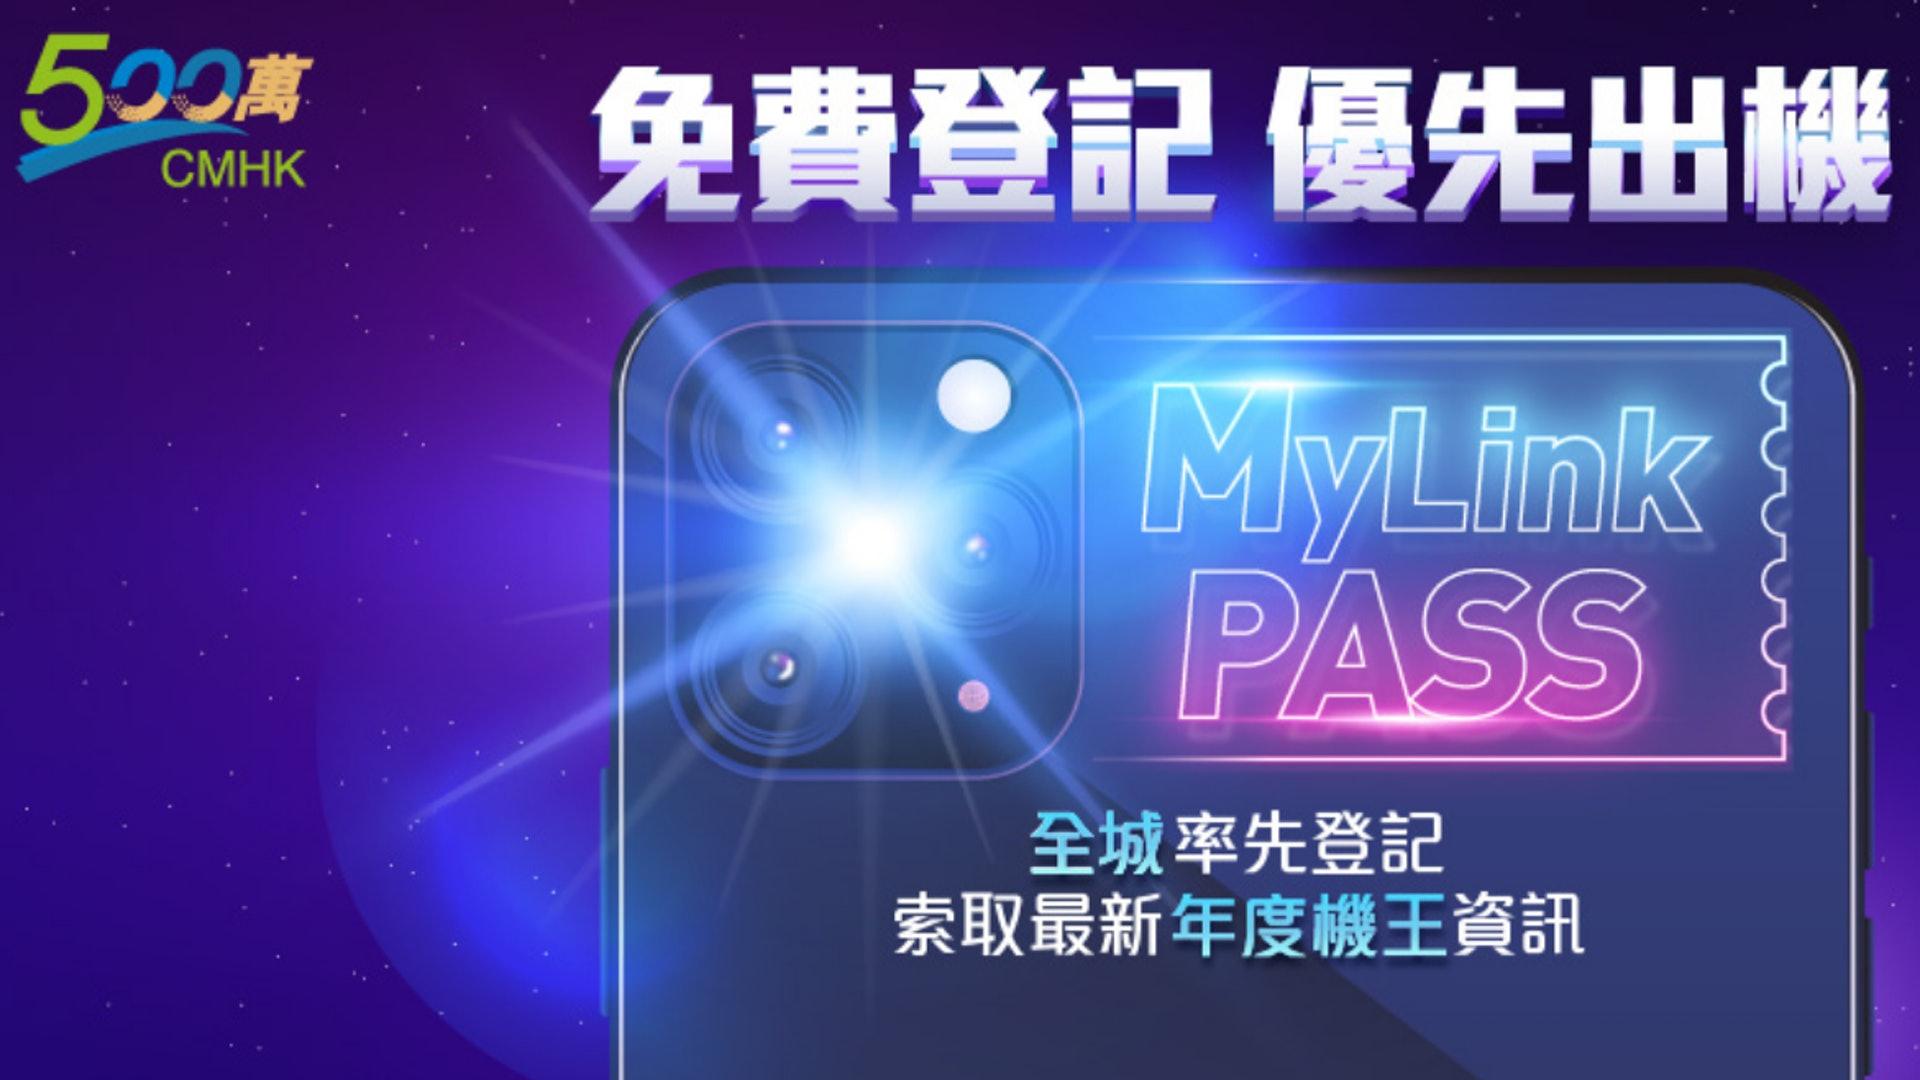 中移動--Mylink Pass (中移動圖片)